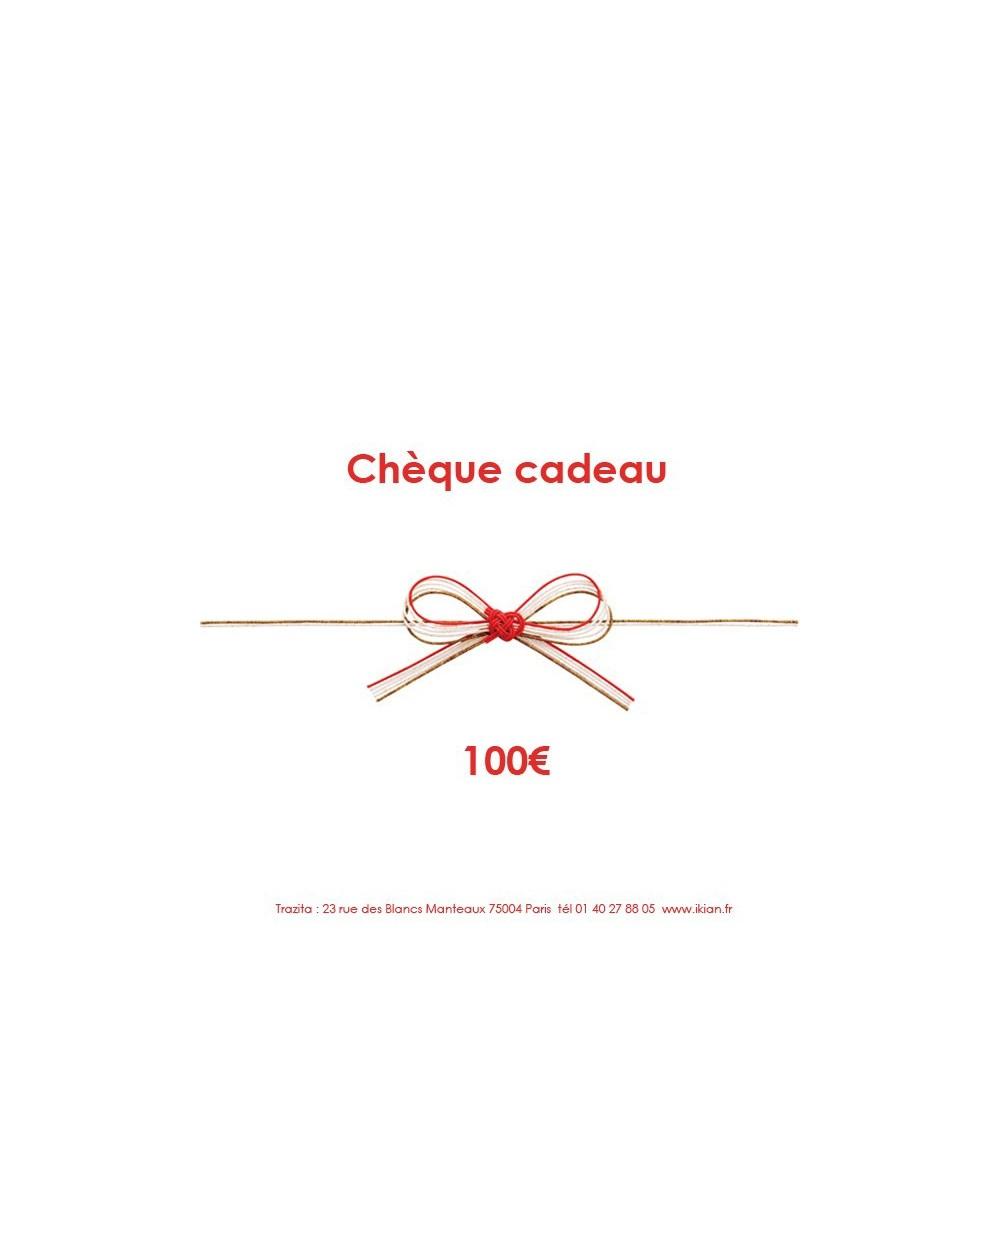 Chèque cadeau 100